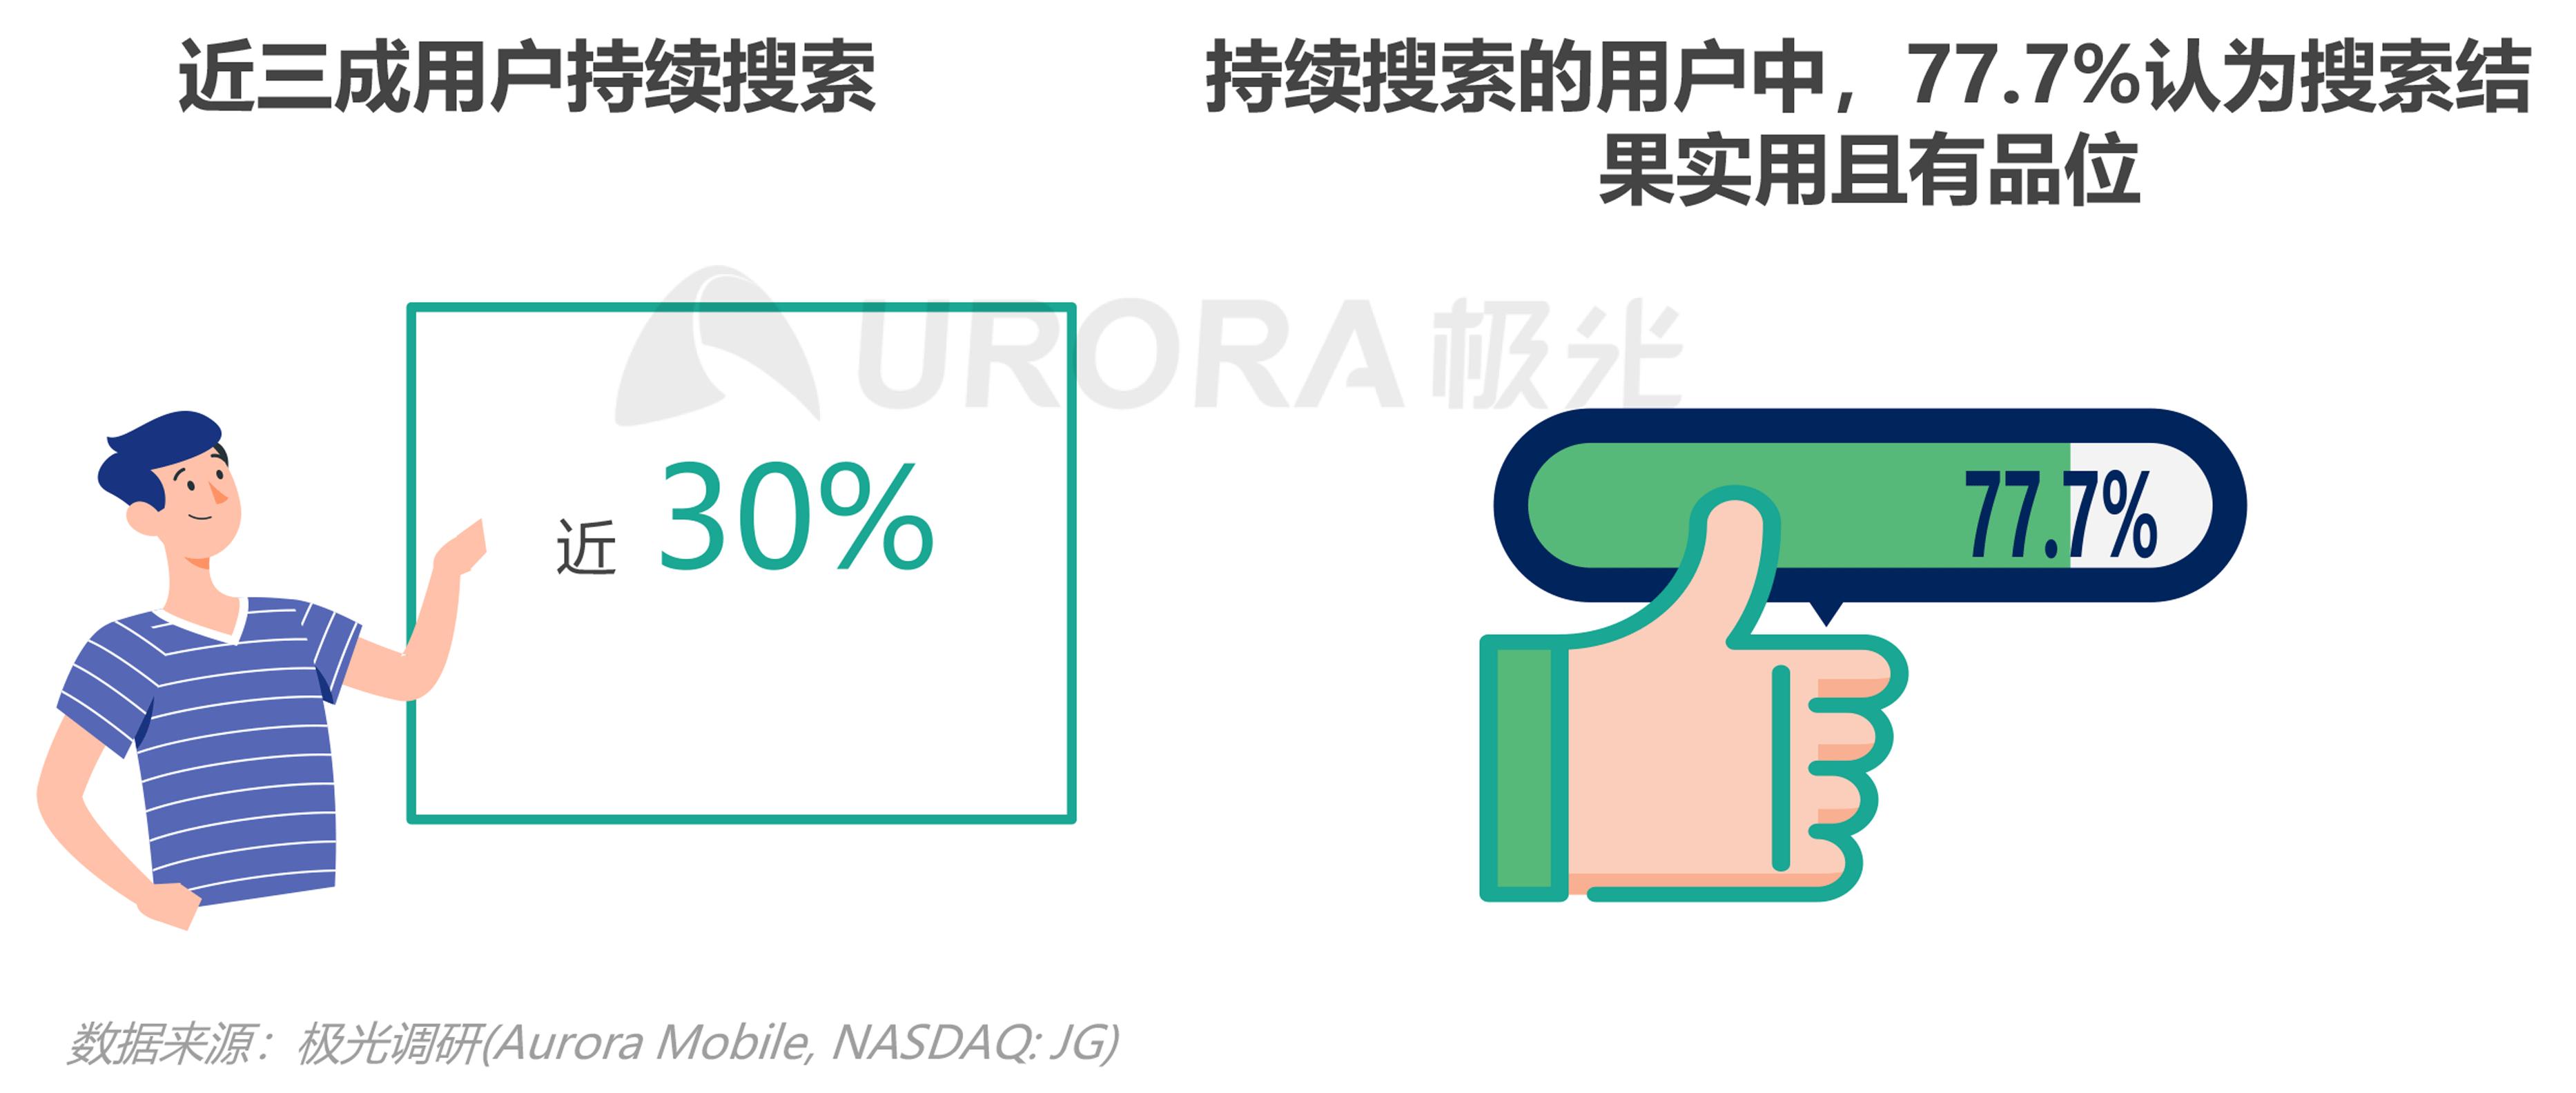 极光:内容生态搜索趋势报告png (28).png